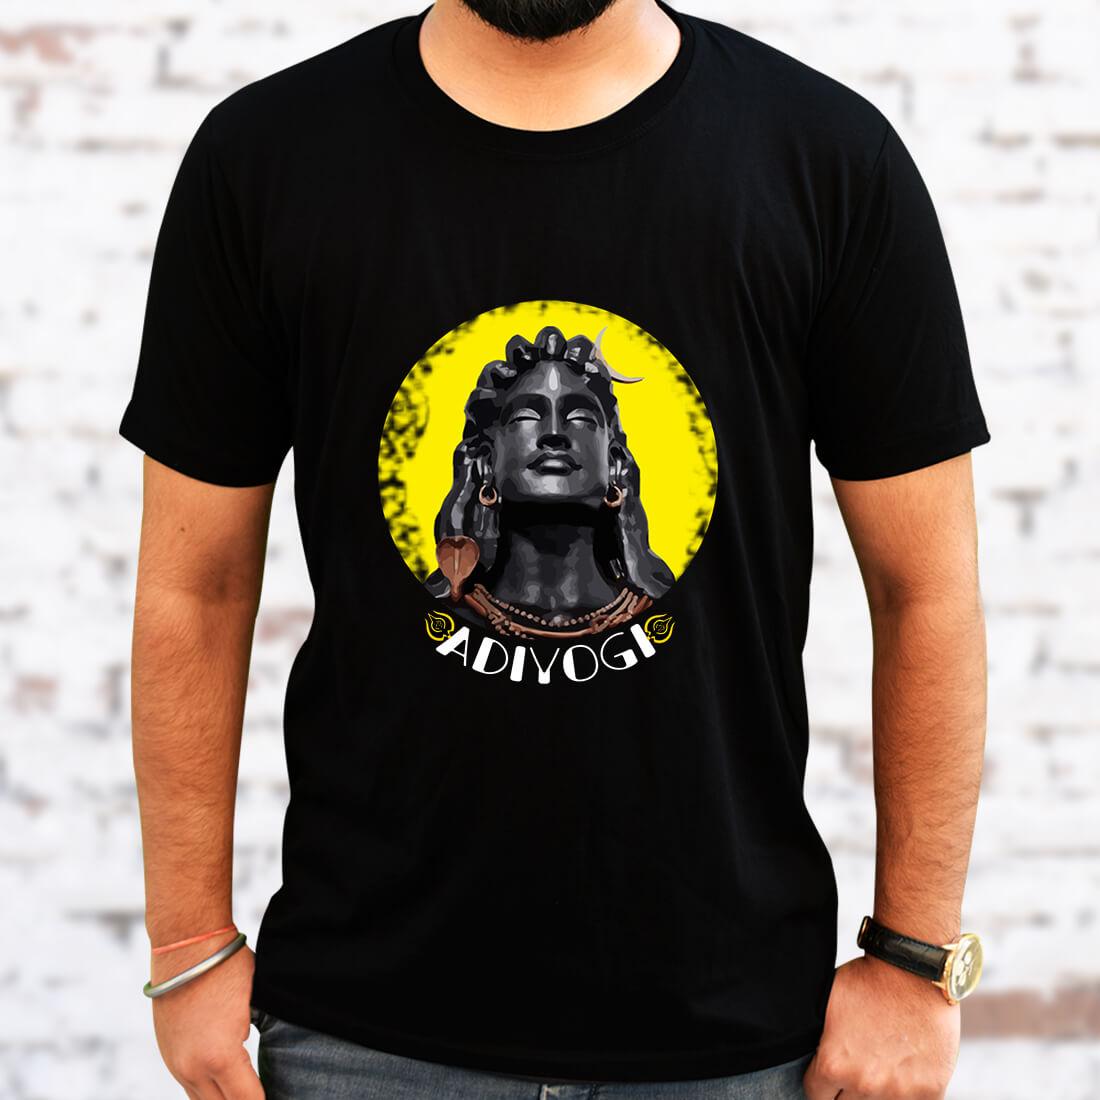 Adiyogi Best Images Printed Black T Shirt